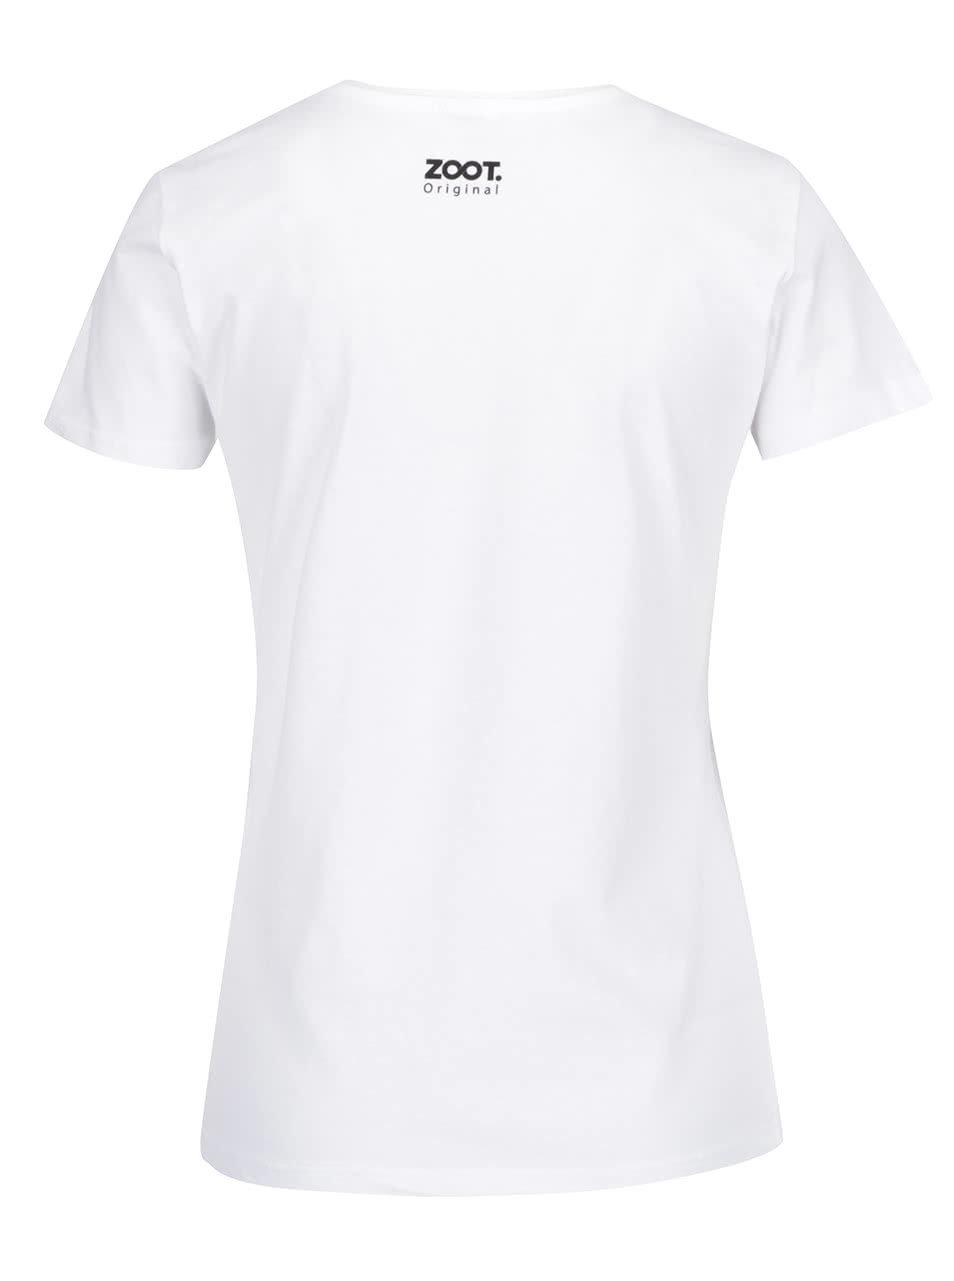 774890ce46a4 Biele dámske tričko s potlačou ZOOT Originál I Love Maminka ...